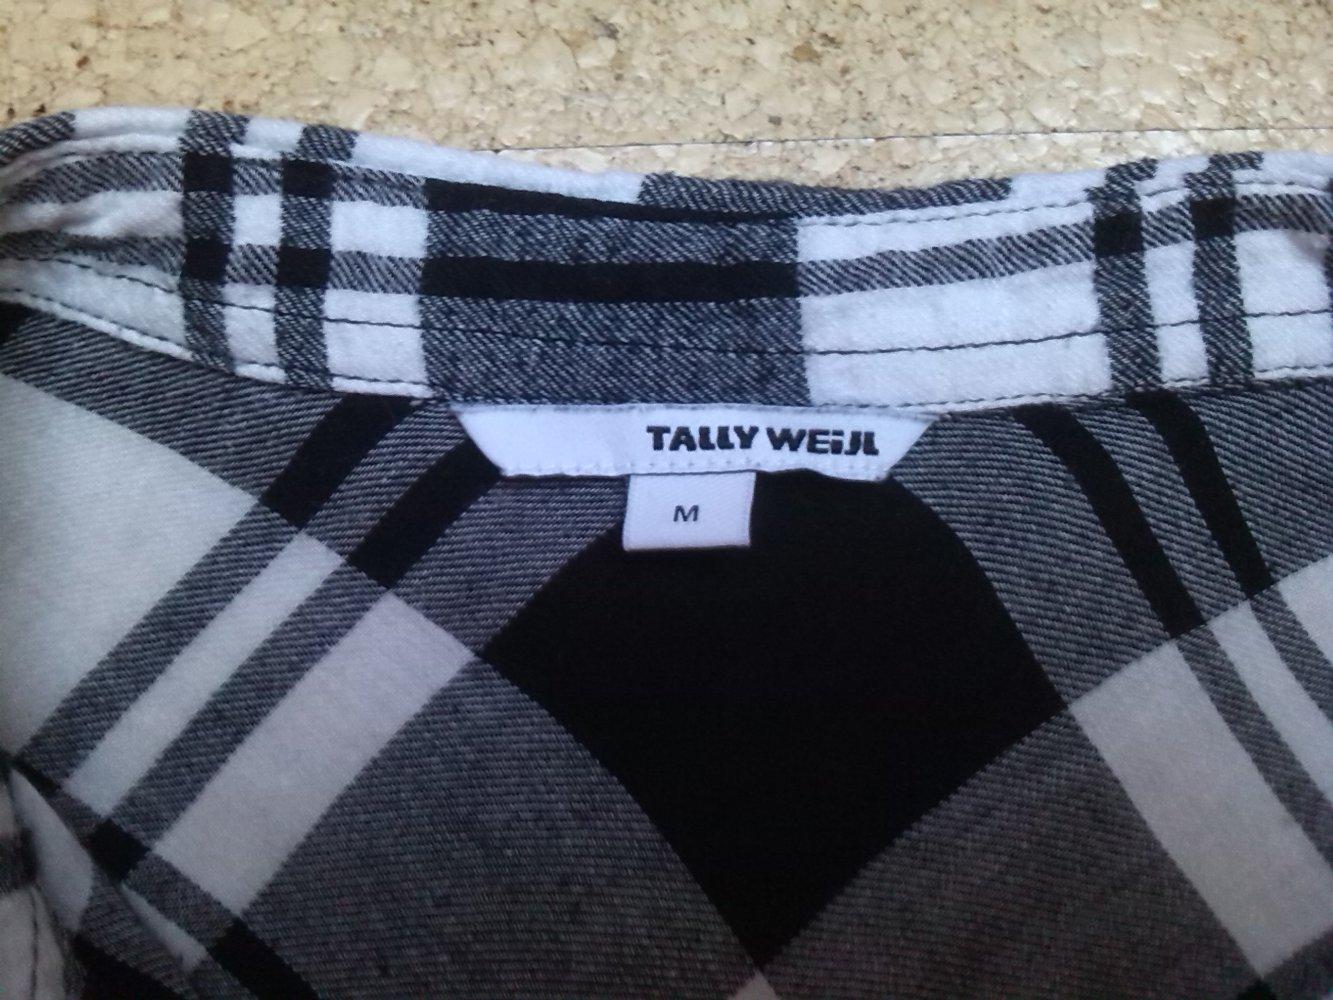 166412f30900 ... Damen Hemd Bluse schwarz weiß kariert Gr. 36 M Tally Weijl ...